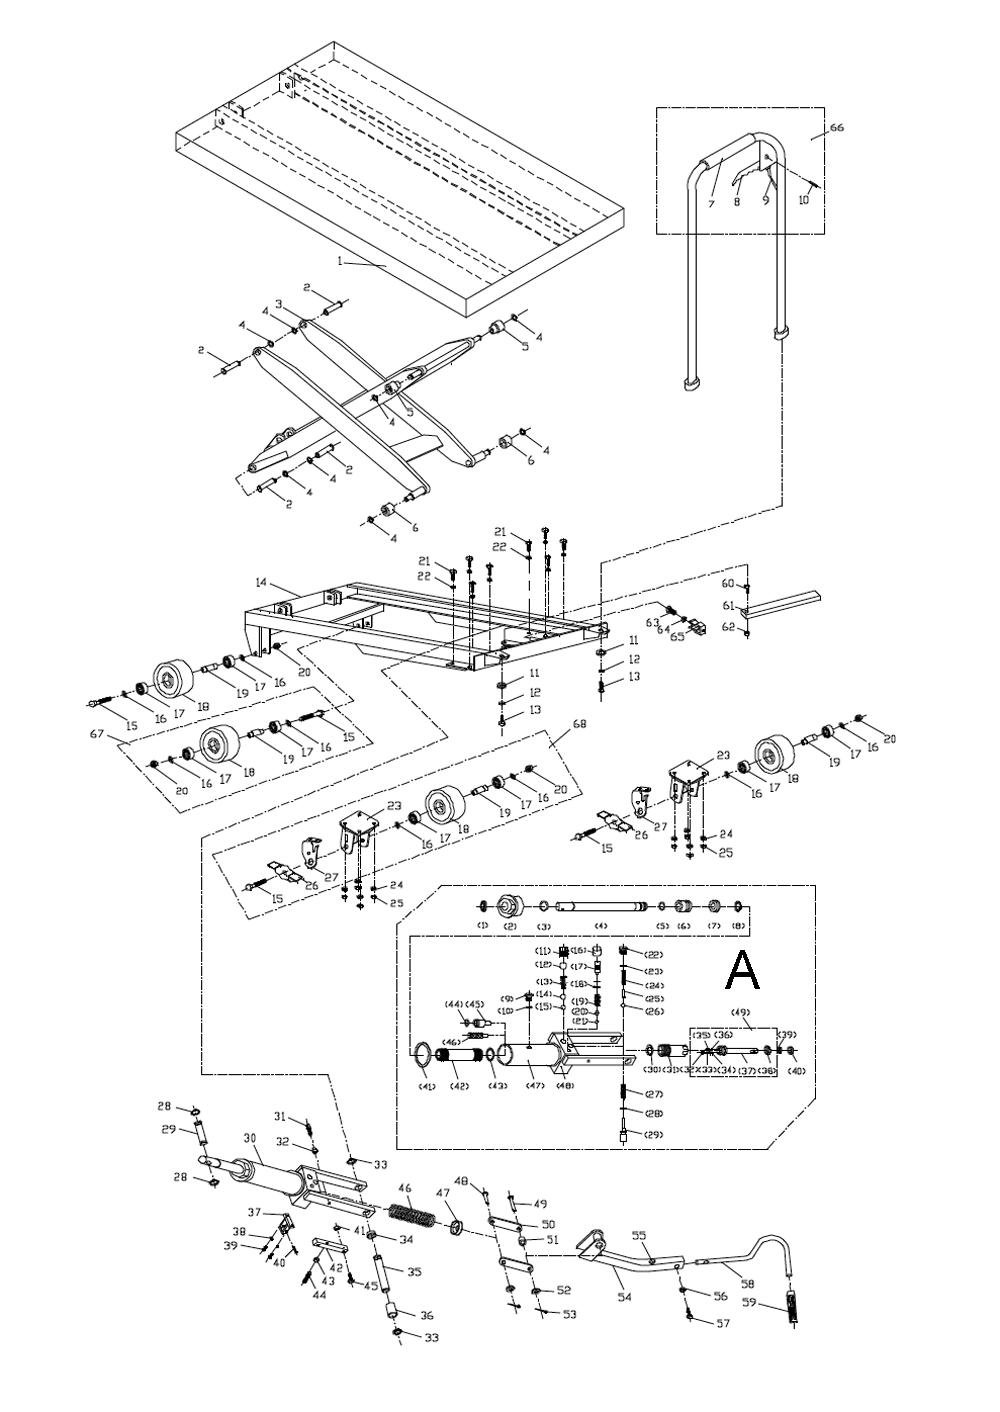 Jet 140780 Parts List Jet 140780 Repair Parts Oem